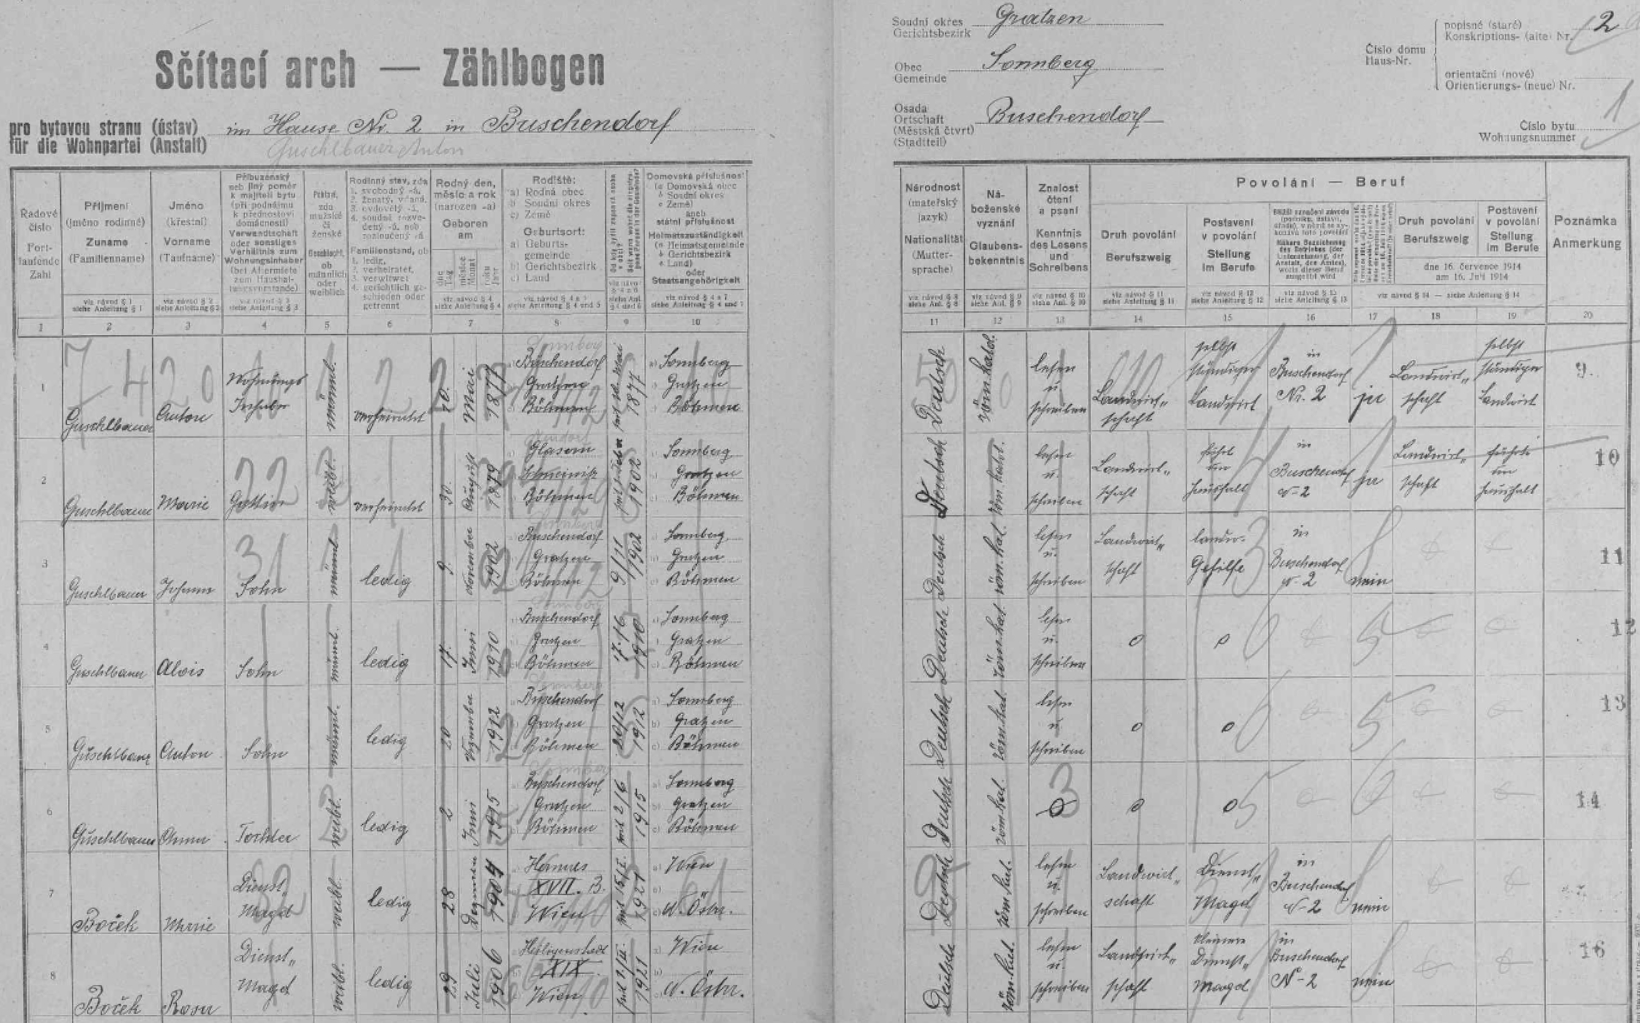 Sčítání lidu z roku 1921 (starší nejsou dostupná v digitální podobě) uvádí v Božejově jediné Guschlbauerovy, a to na stavení čp. 2, Matthias zde mezi členy rodiny zapsán není